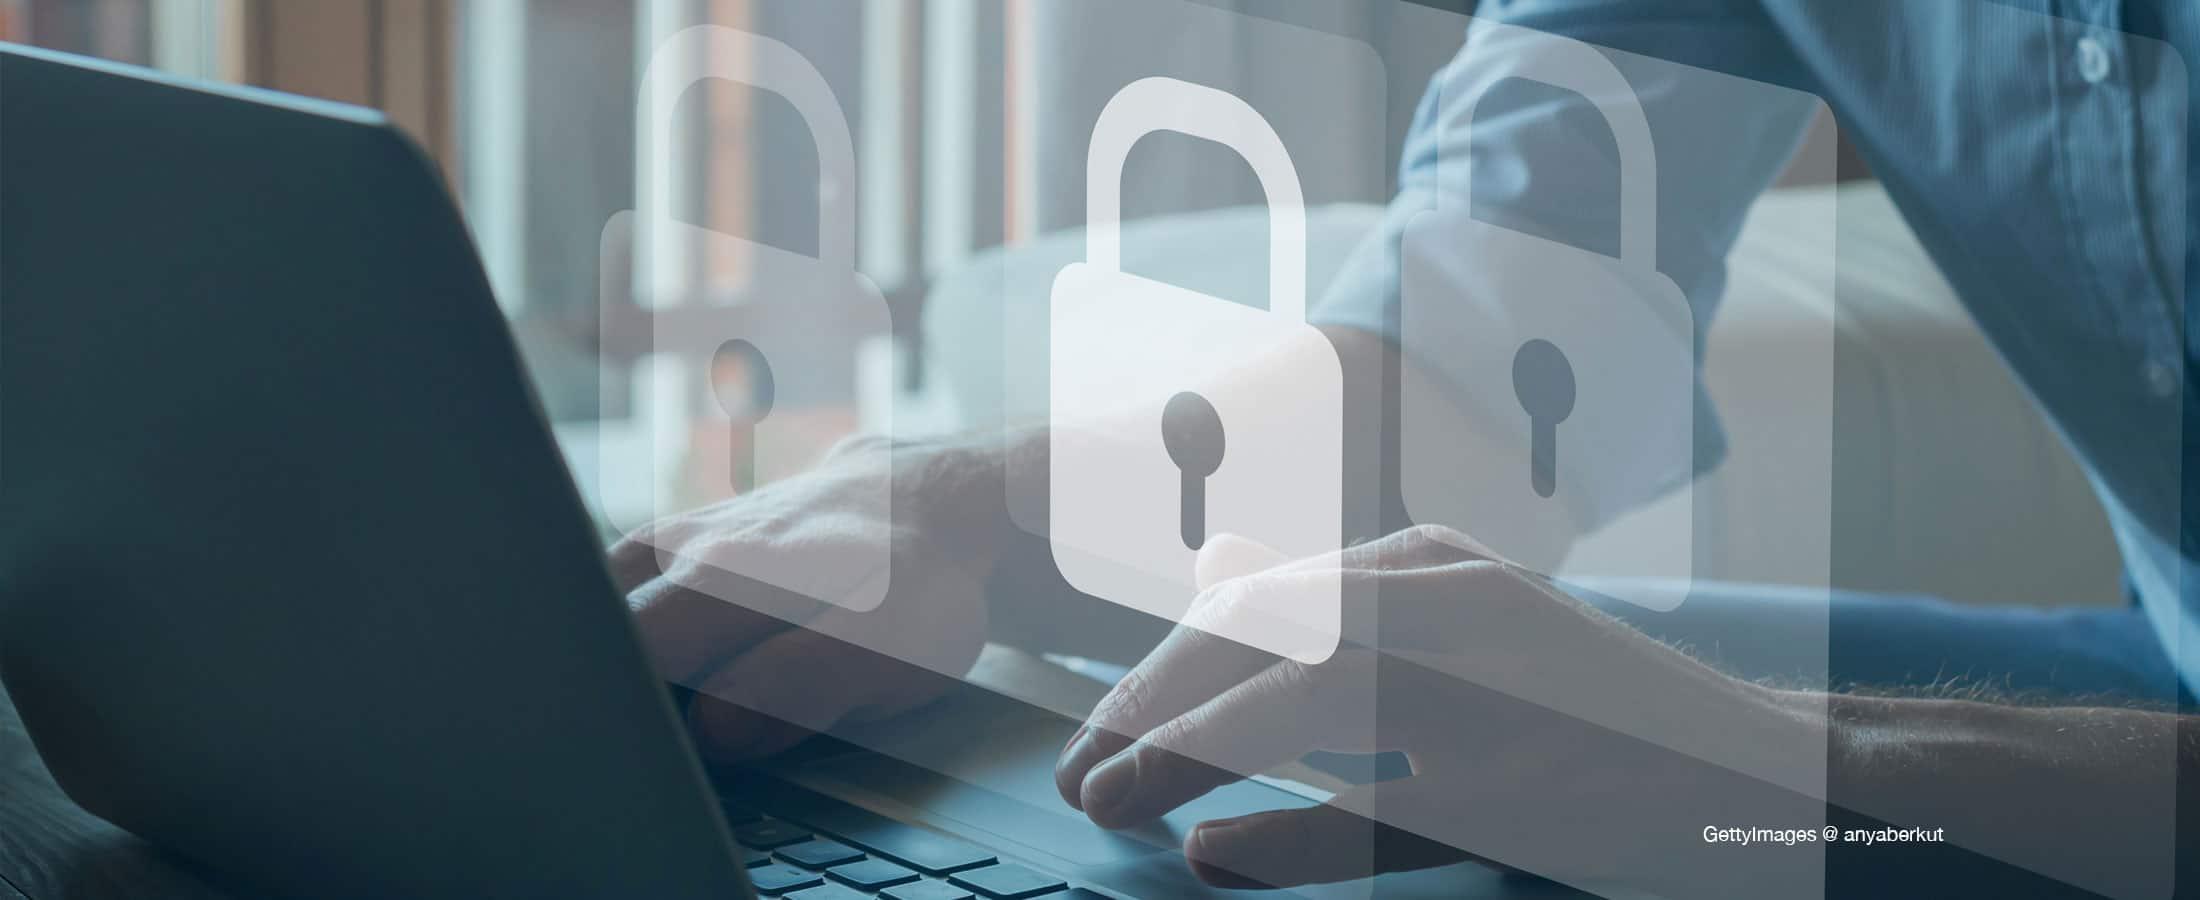 Cybersécurité : qu'est-ce qu'une attaque par spear phishing?